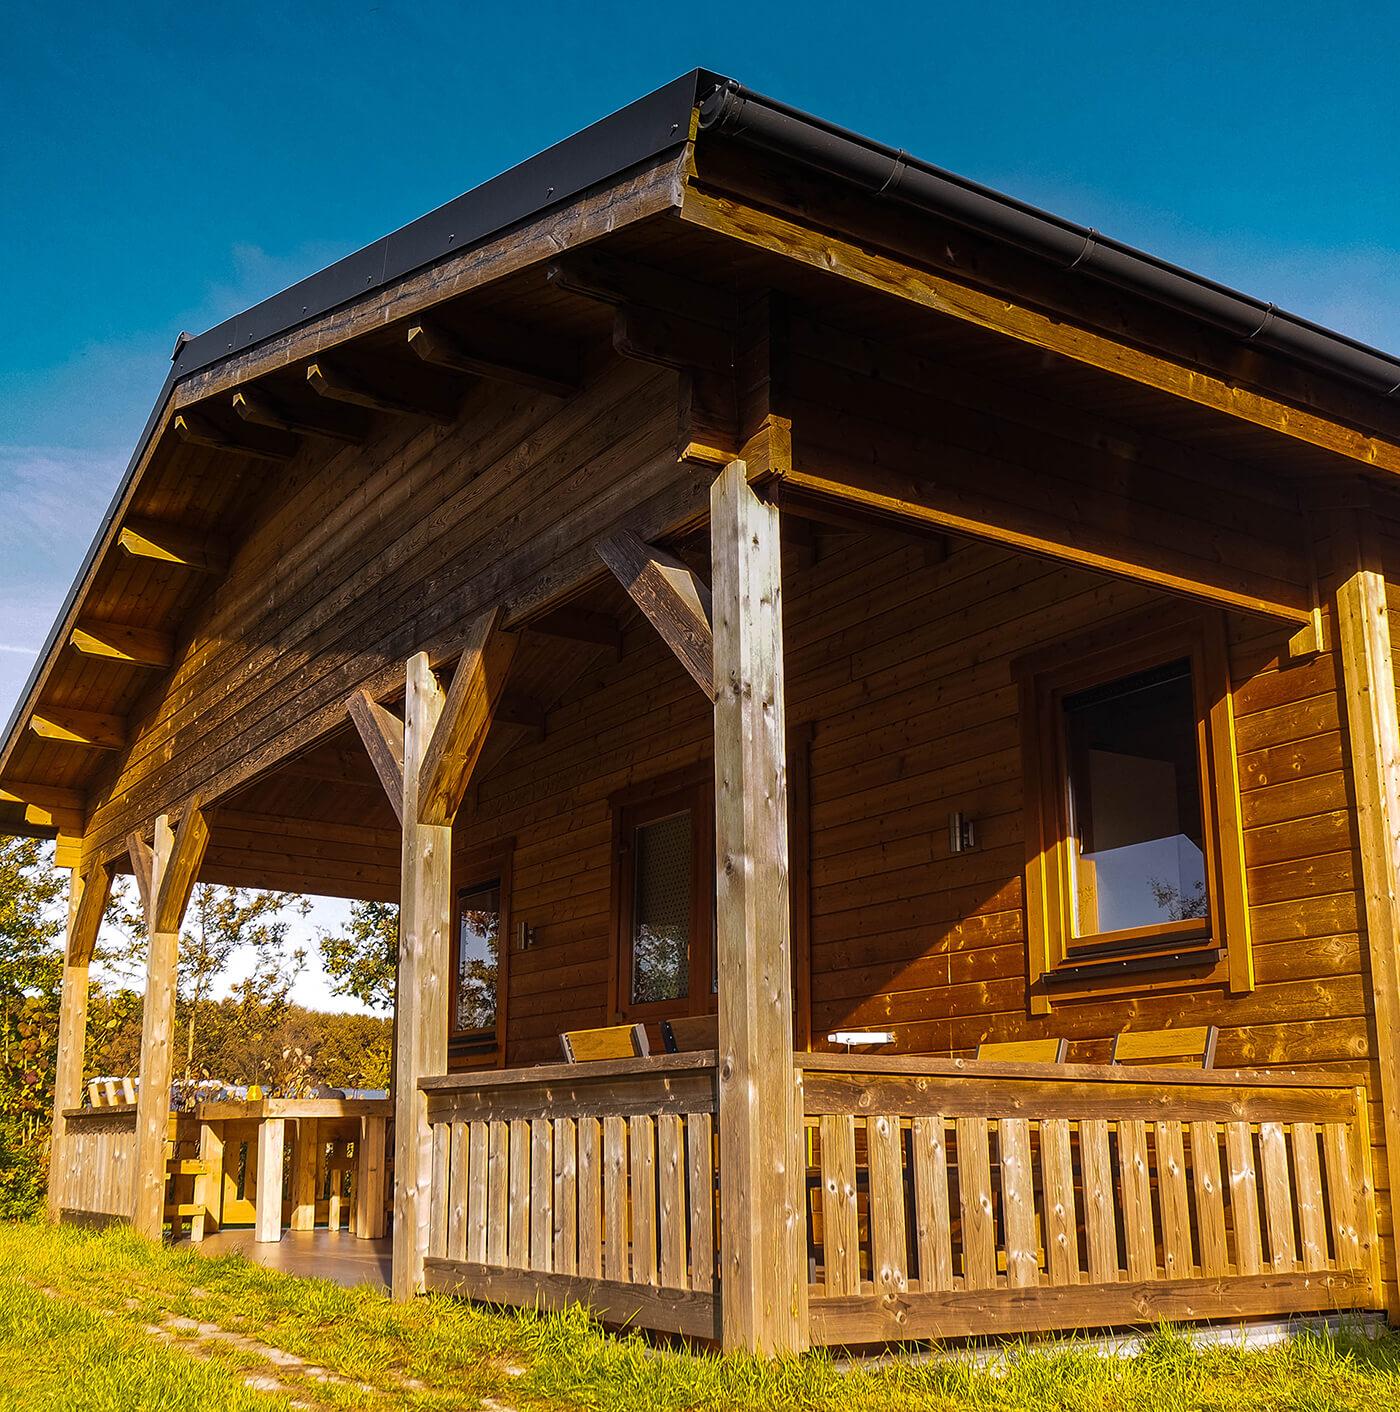 duurzaam hotuen blokhuis geschikt voor (semi)permanente bewoning, home office, kantoor aan huis of mantelzorgwoning